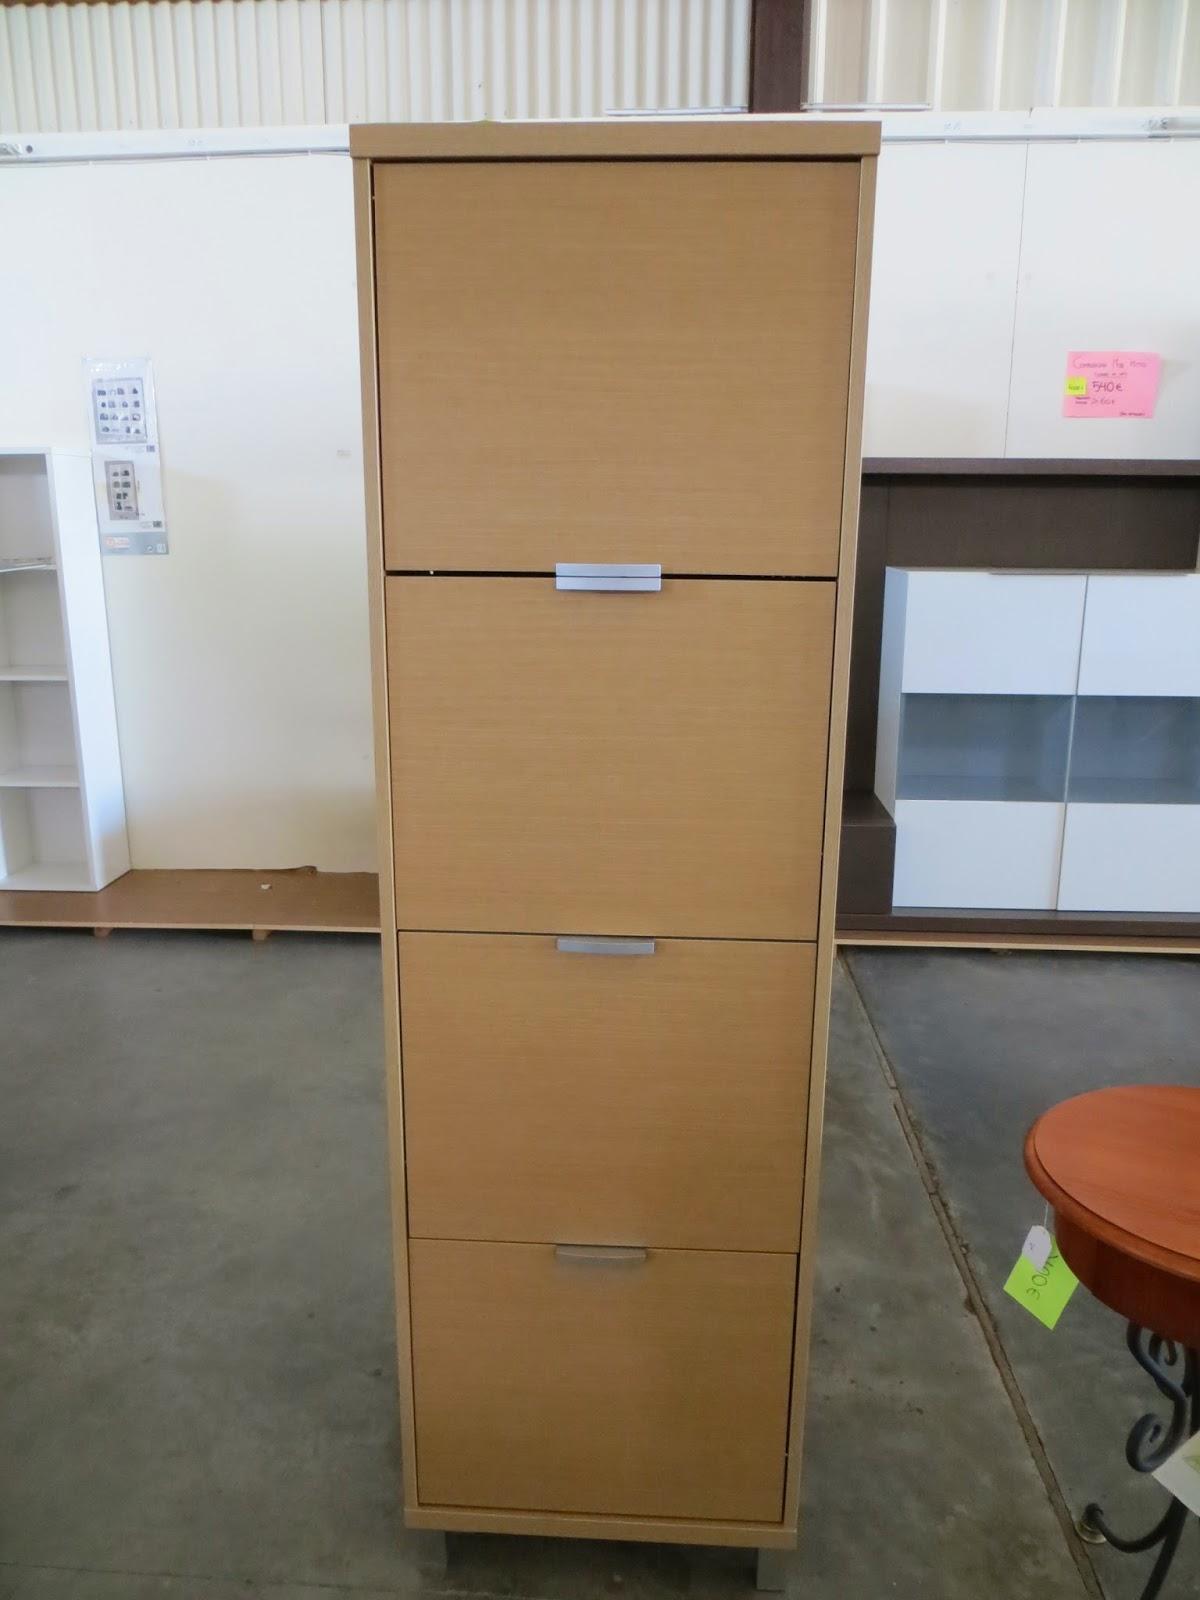 Muebles y art culos de decoraci n a precios chollo mueble - Muebles zapateros precios ...